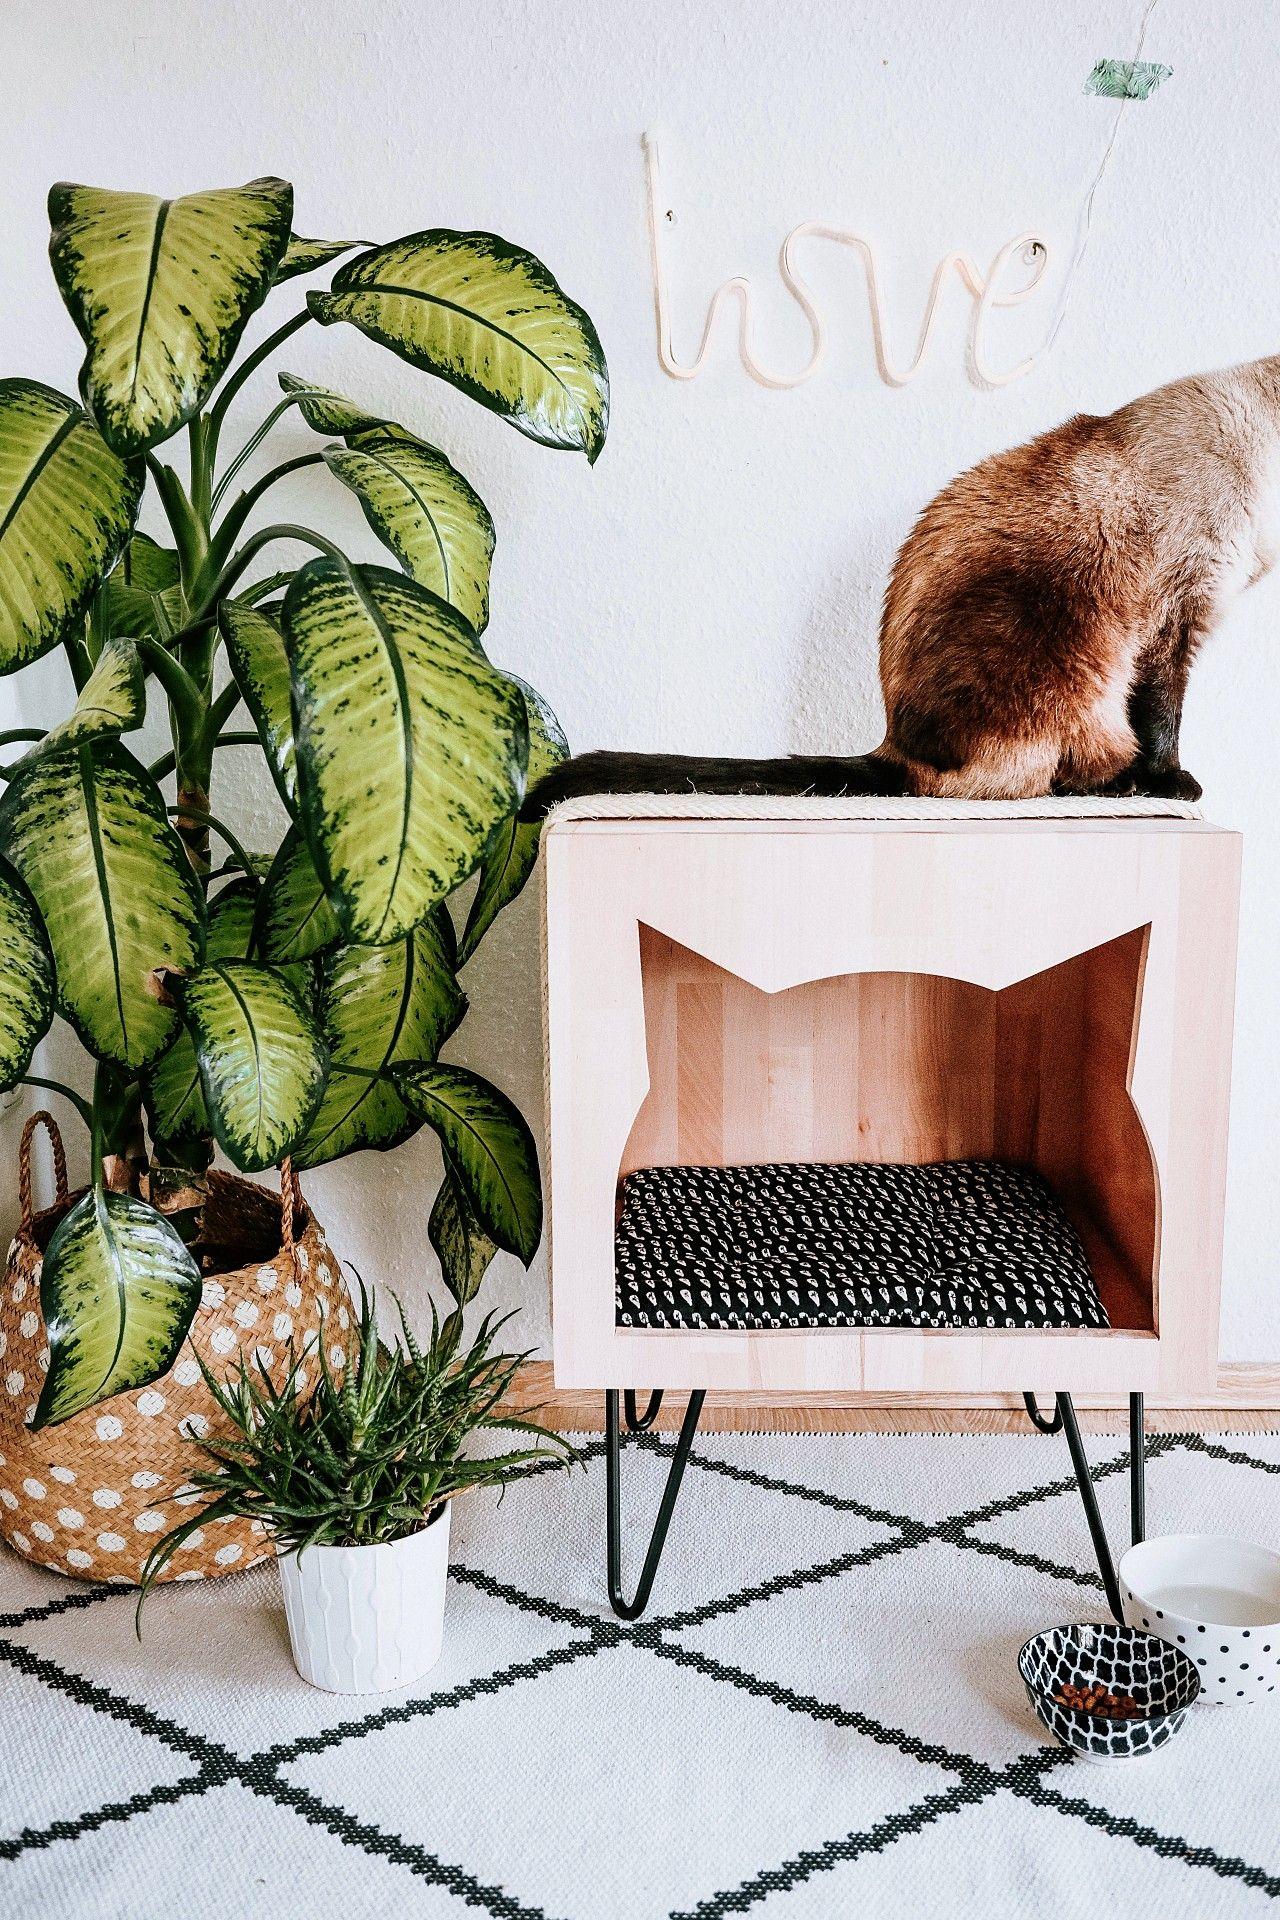 DIY-Anleitung zum Katzenkratzmöbel mit Höhle selber bauen